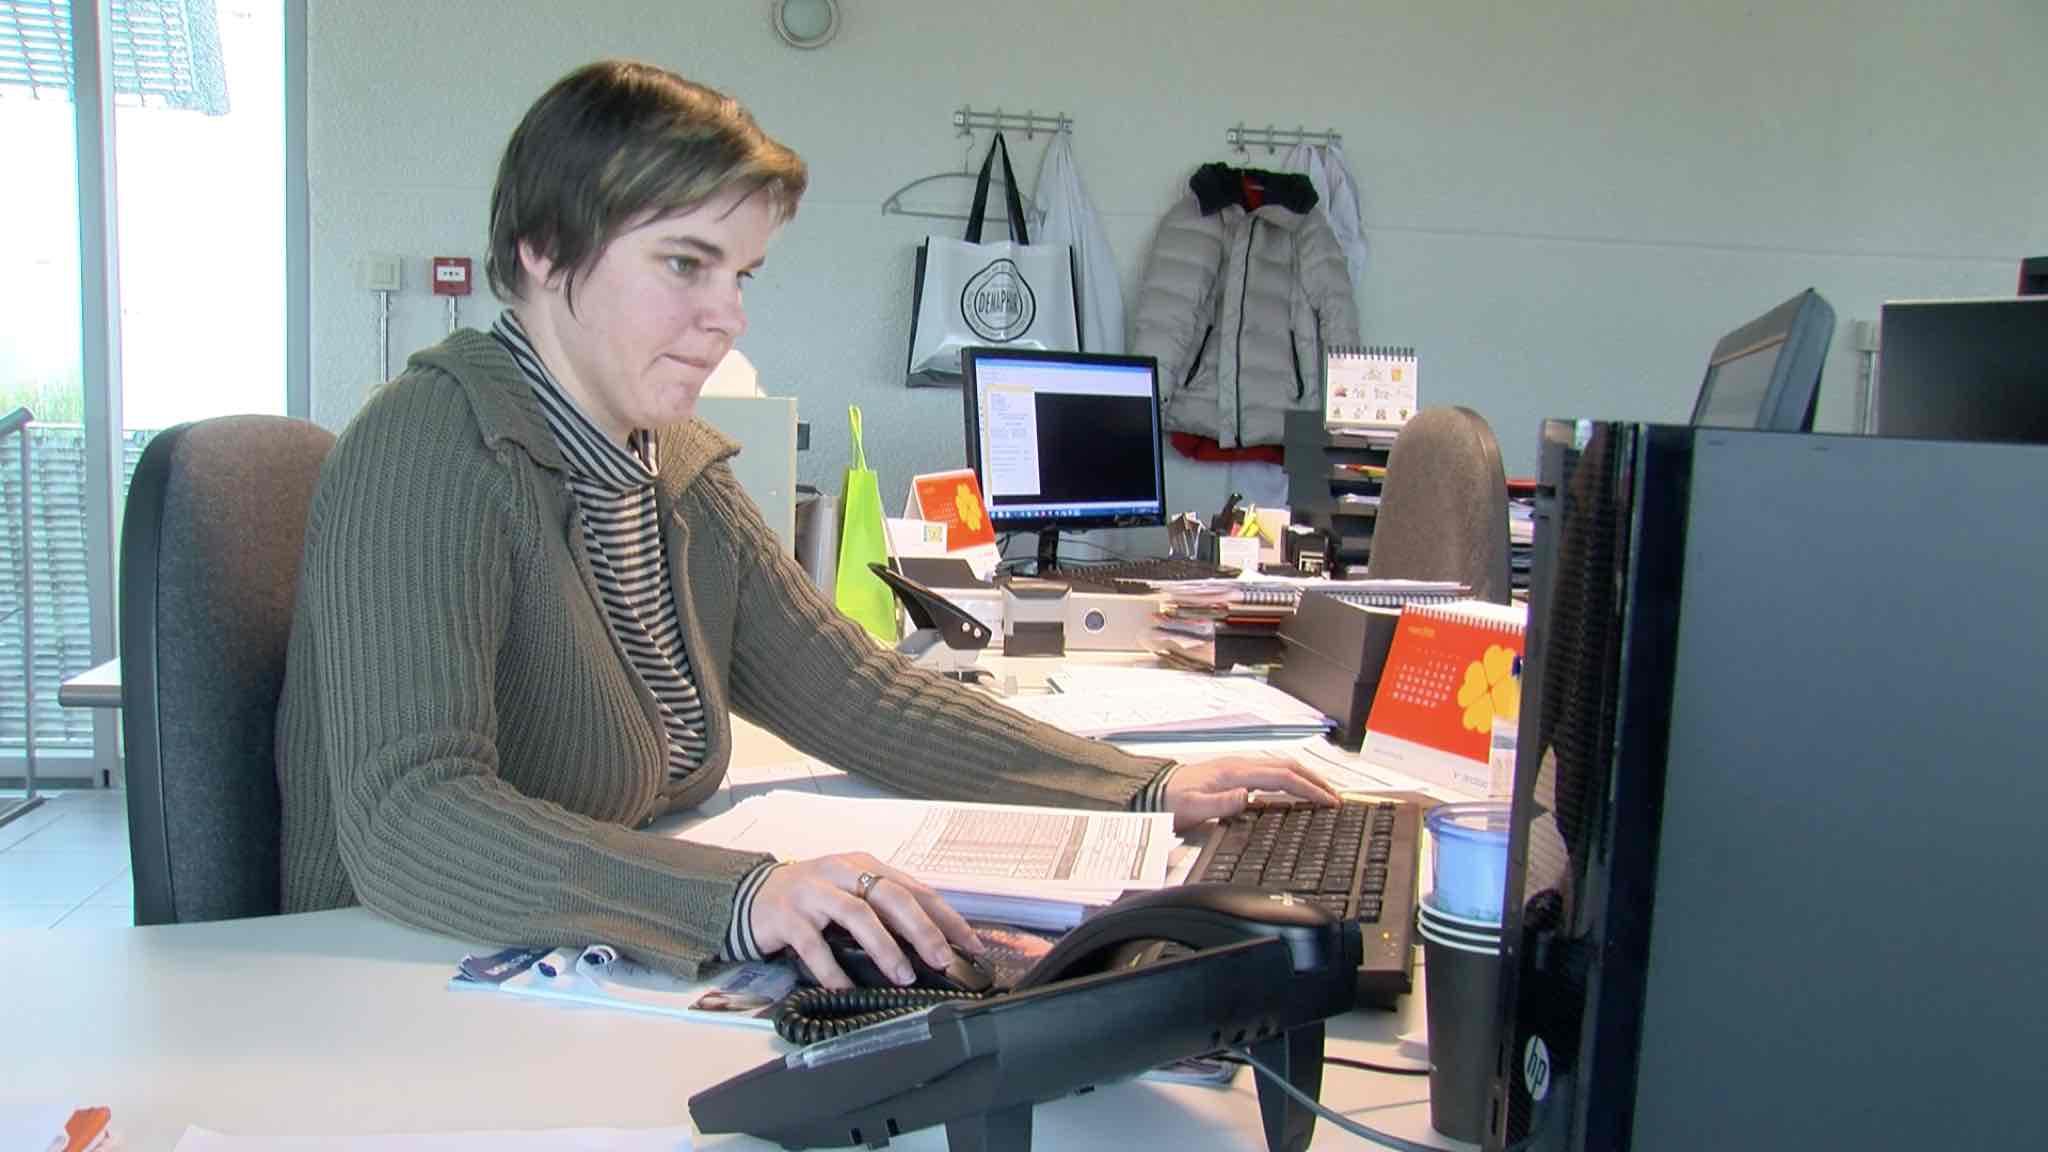 Nubeo propose des solutions IT aux PME et indépendants